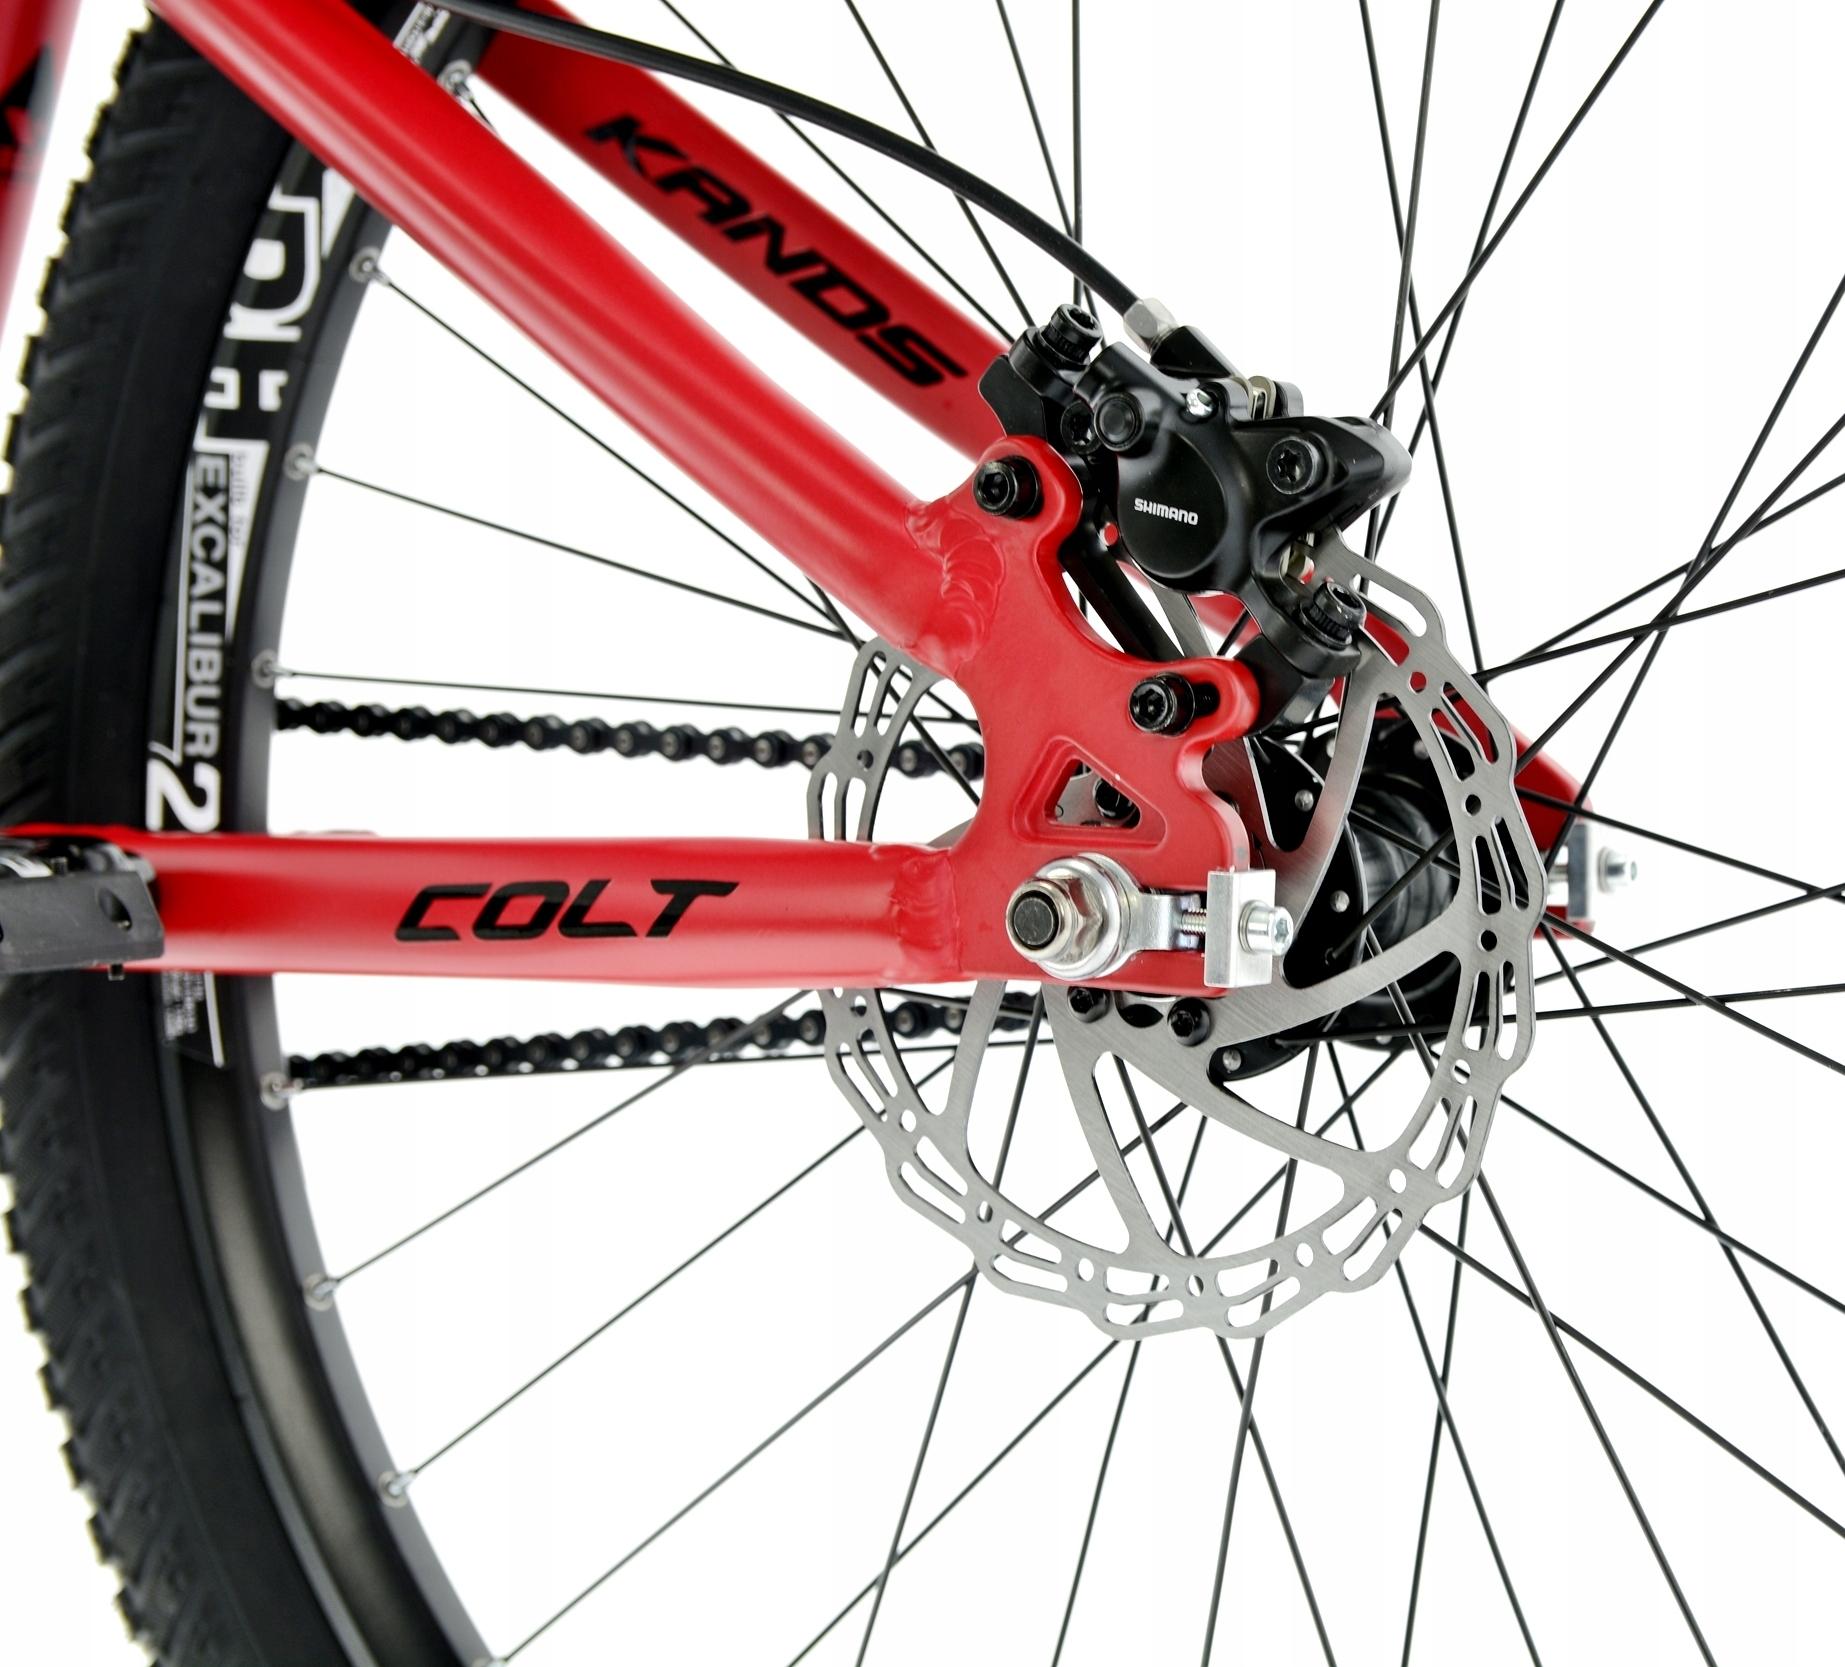 Rower Kands 26 DIRT COLT V2 13 CZERWONY R21 Korba jednorzędowa